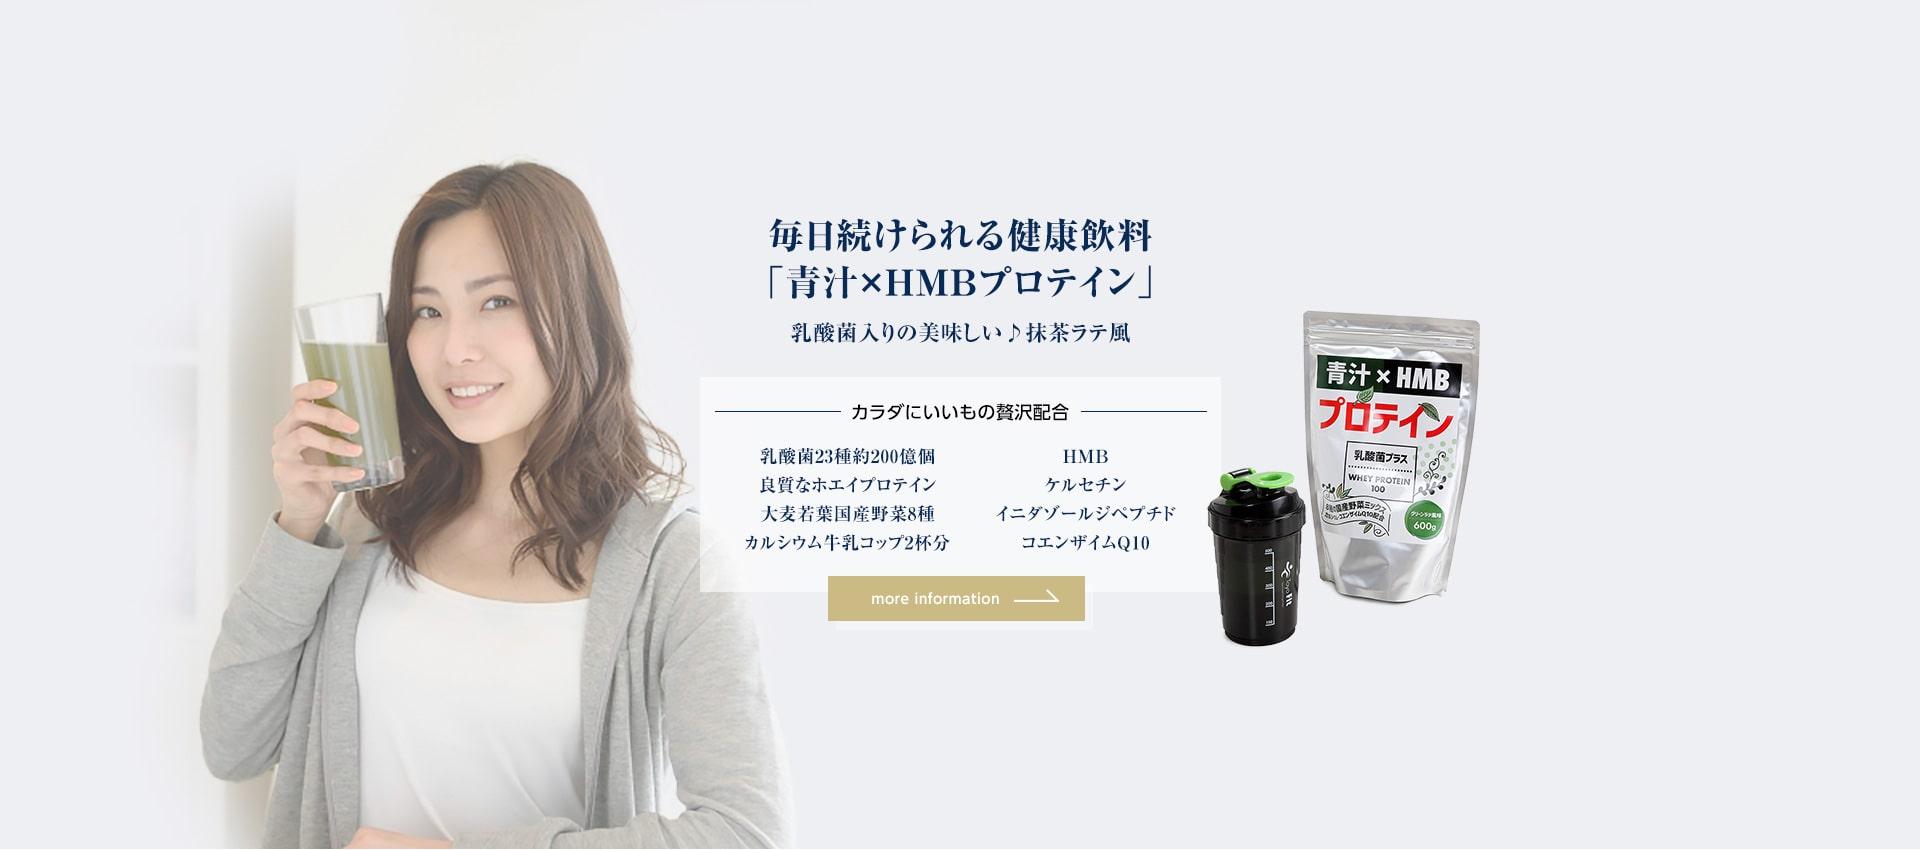 毎日続けられる健康飲料 「青汁×HMBプロテイン」 乳酸菌入りの美味しい♪抹茶ラテ風